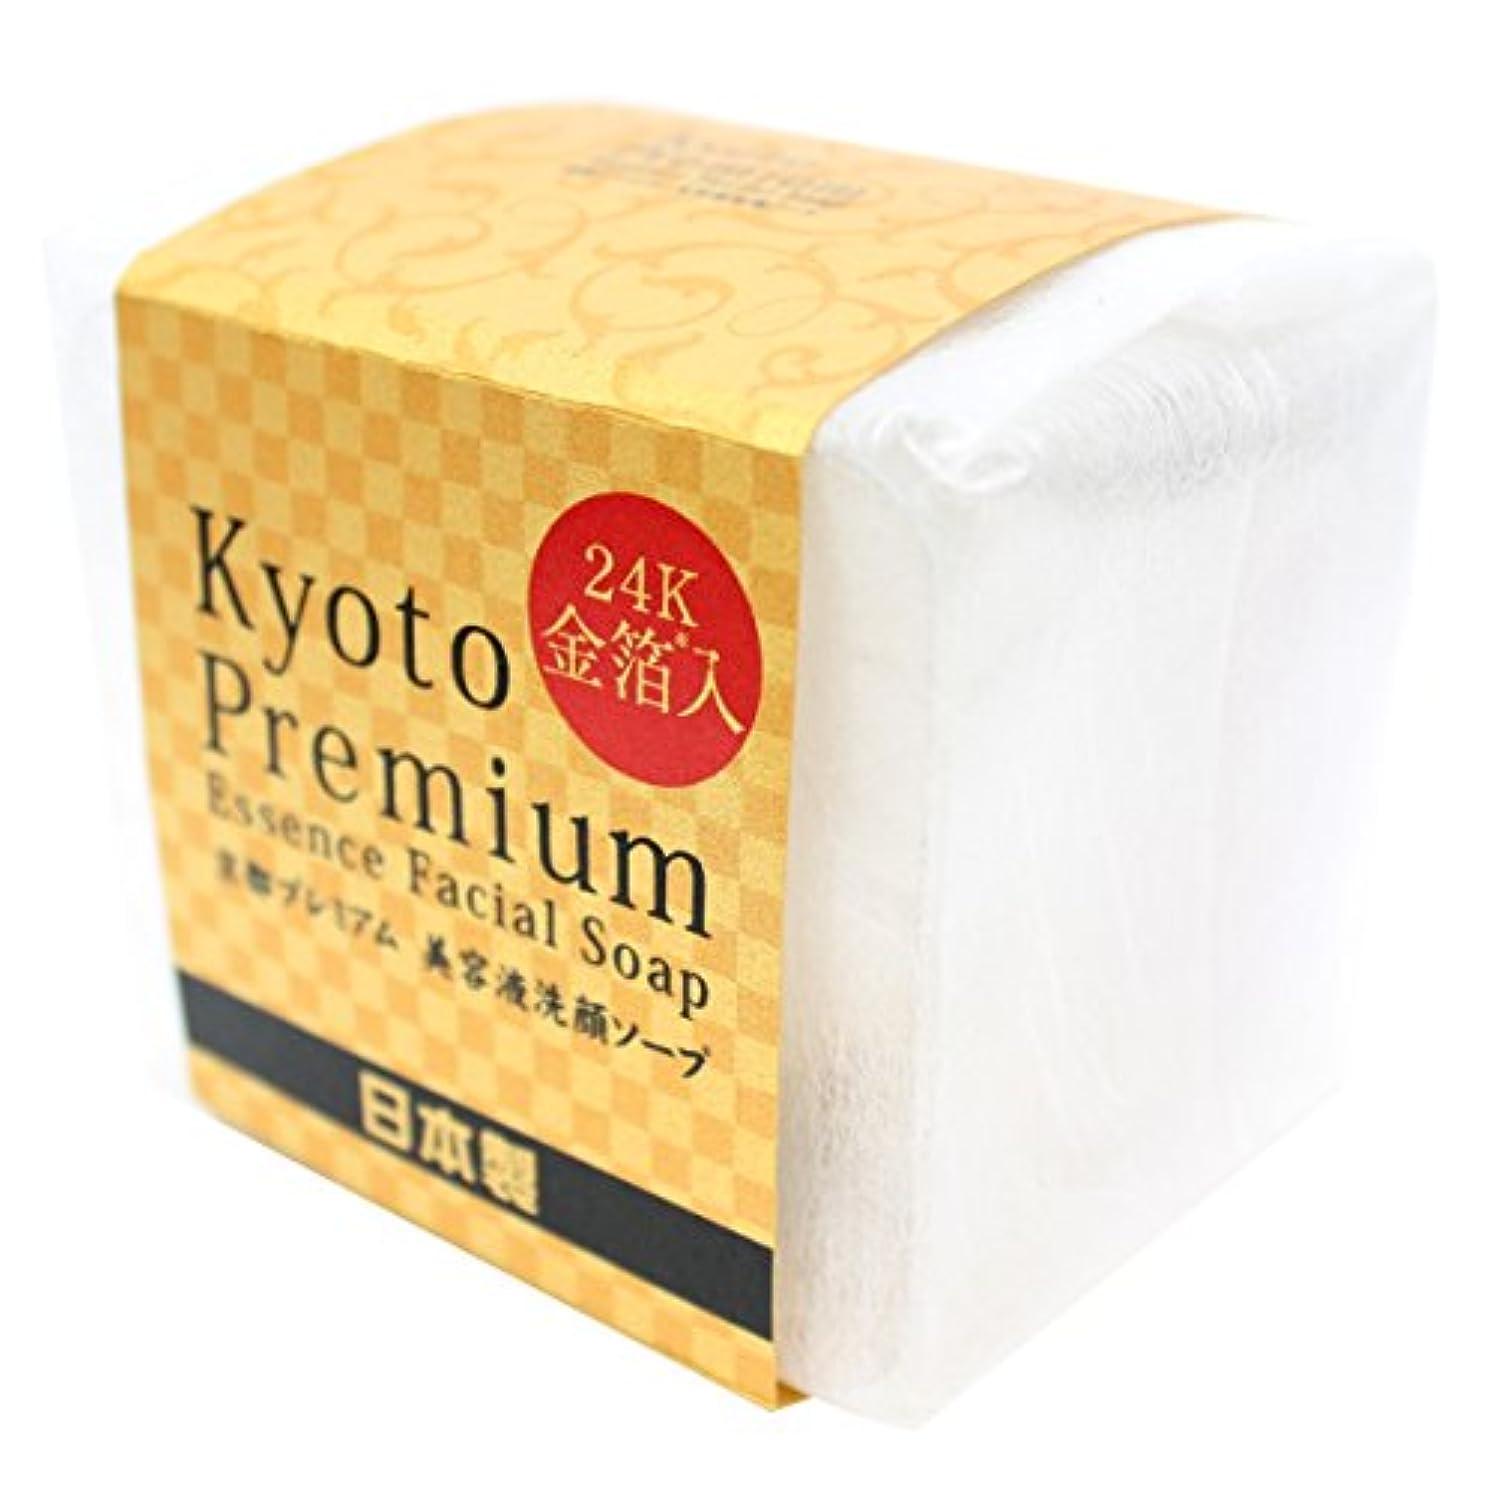 外出富豪配分京都プレミアム kyotopremium 美容液洗顔ソープ